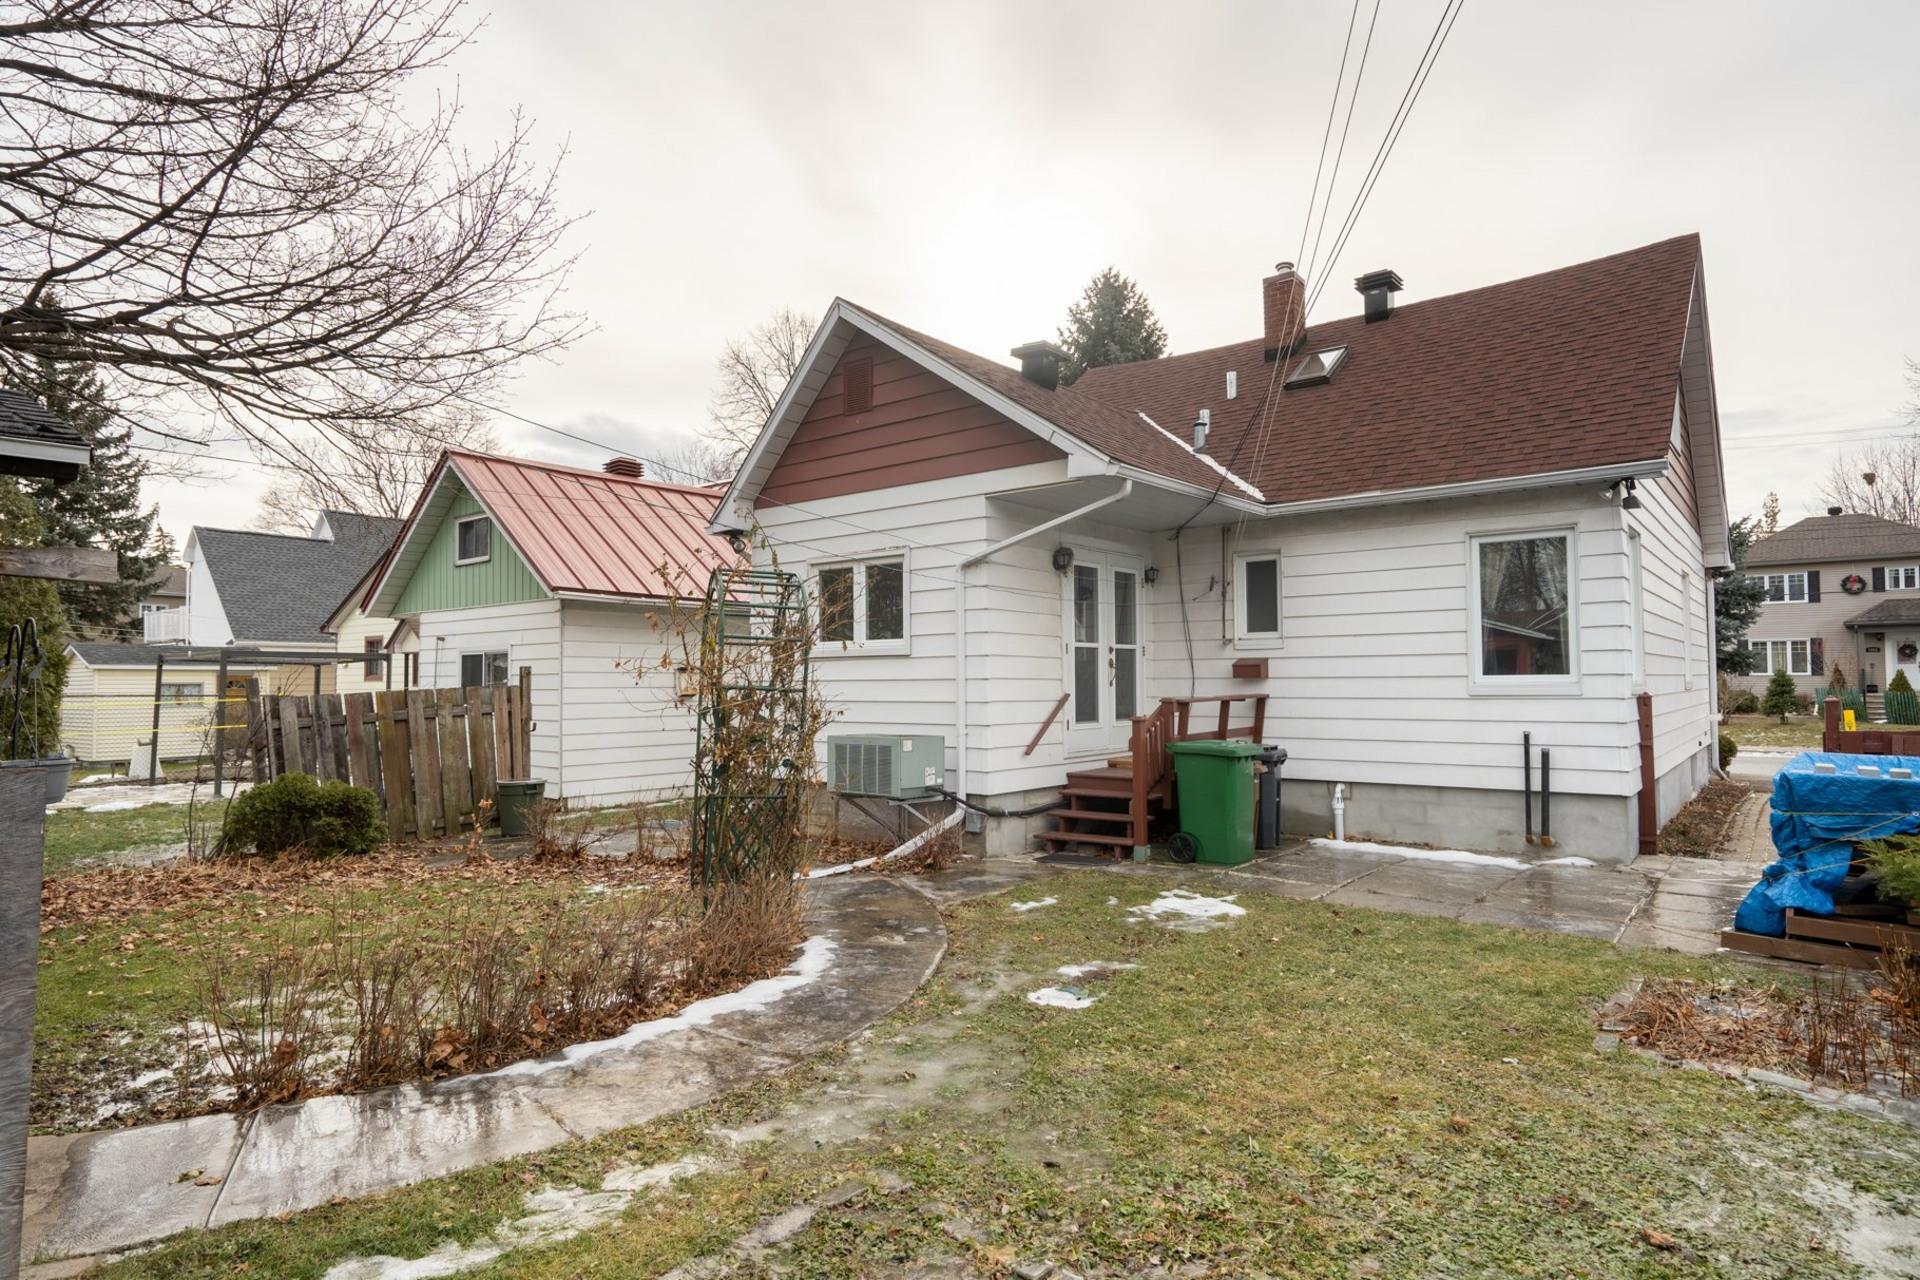 image 19 - House For sale Saint-Laurent Montréal  - 9 rooms